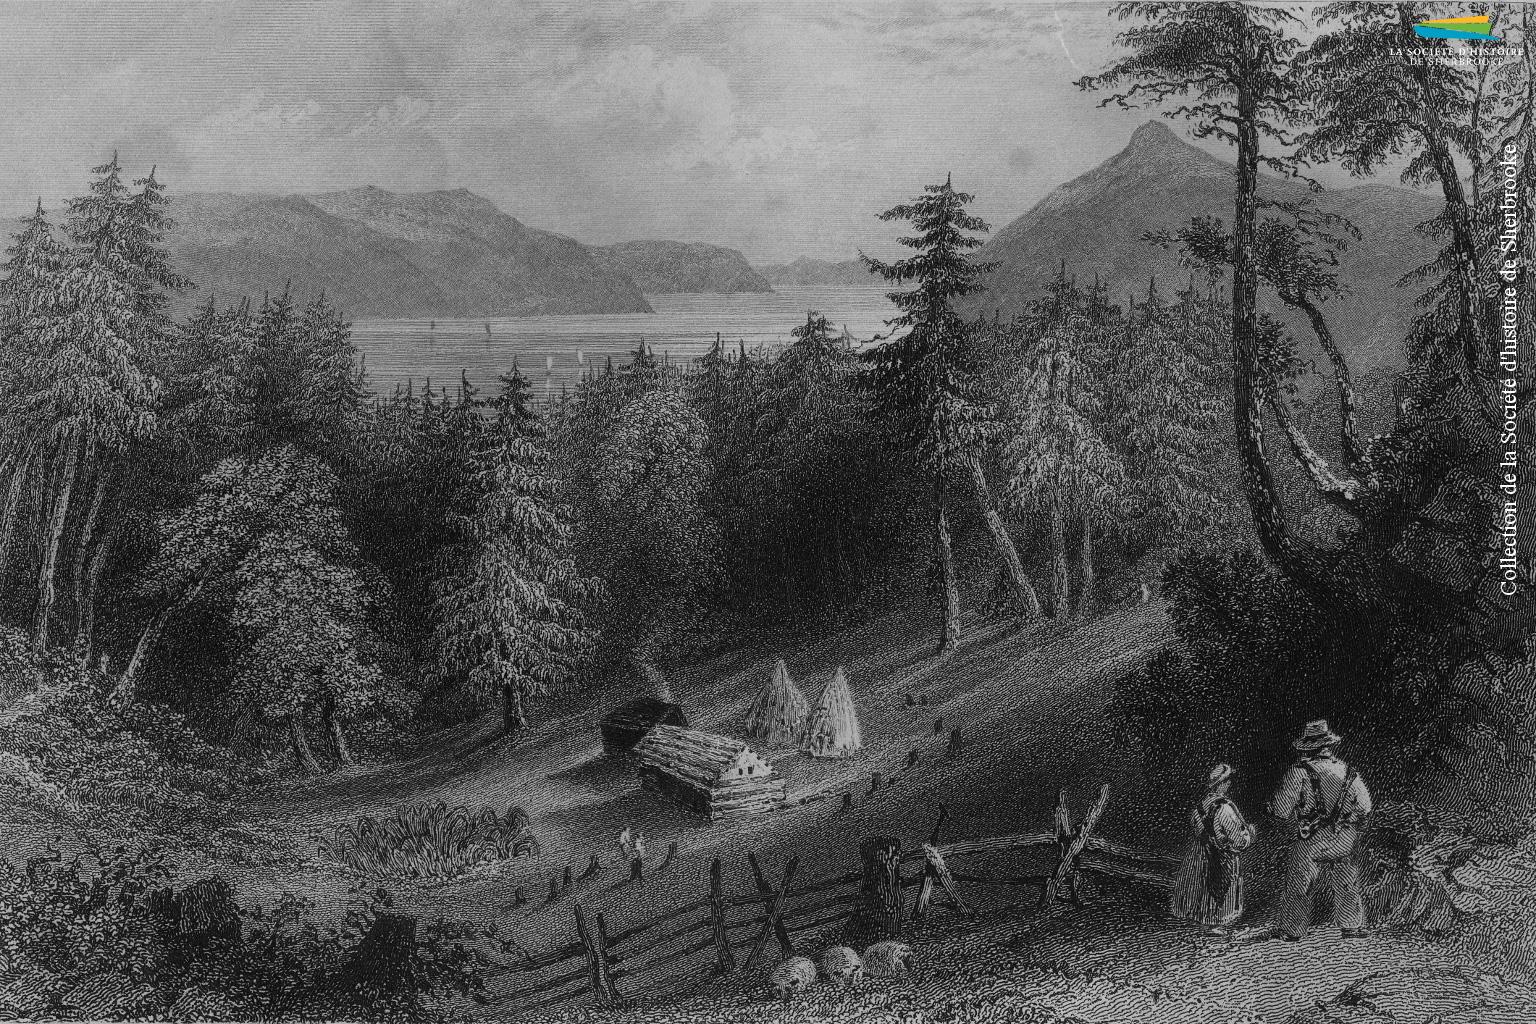 Une gravure représentant une famille de colons dans les Cantons-de-l'Est, réalisée entre 1839 et 1842. Leur origine n'est pas précisée, mais ce sont de tels colons – des Américains – qui s'installent à partir de 1793 dans les cantons d'Ascot puis d'Orford, sur le lieu qui deviendra le village puis la ville de Sherbrooke.